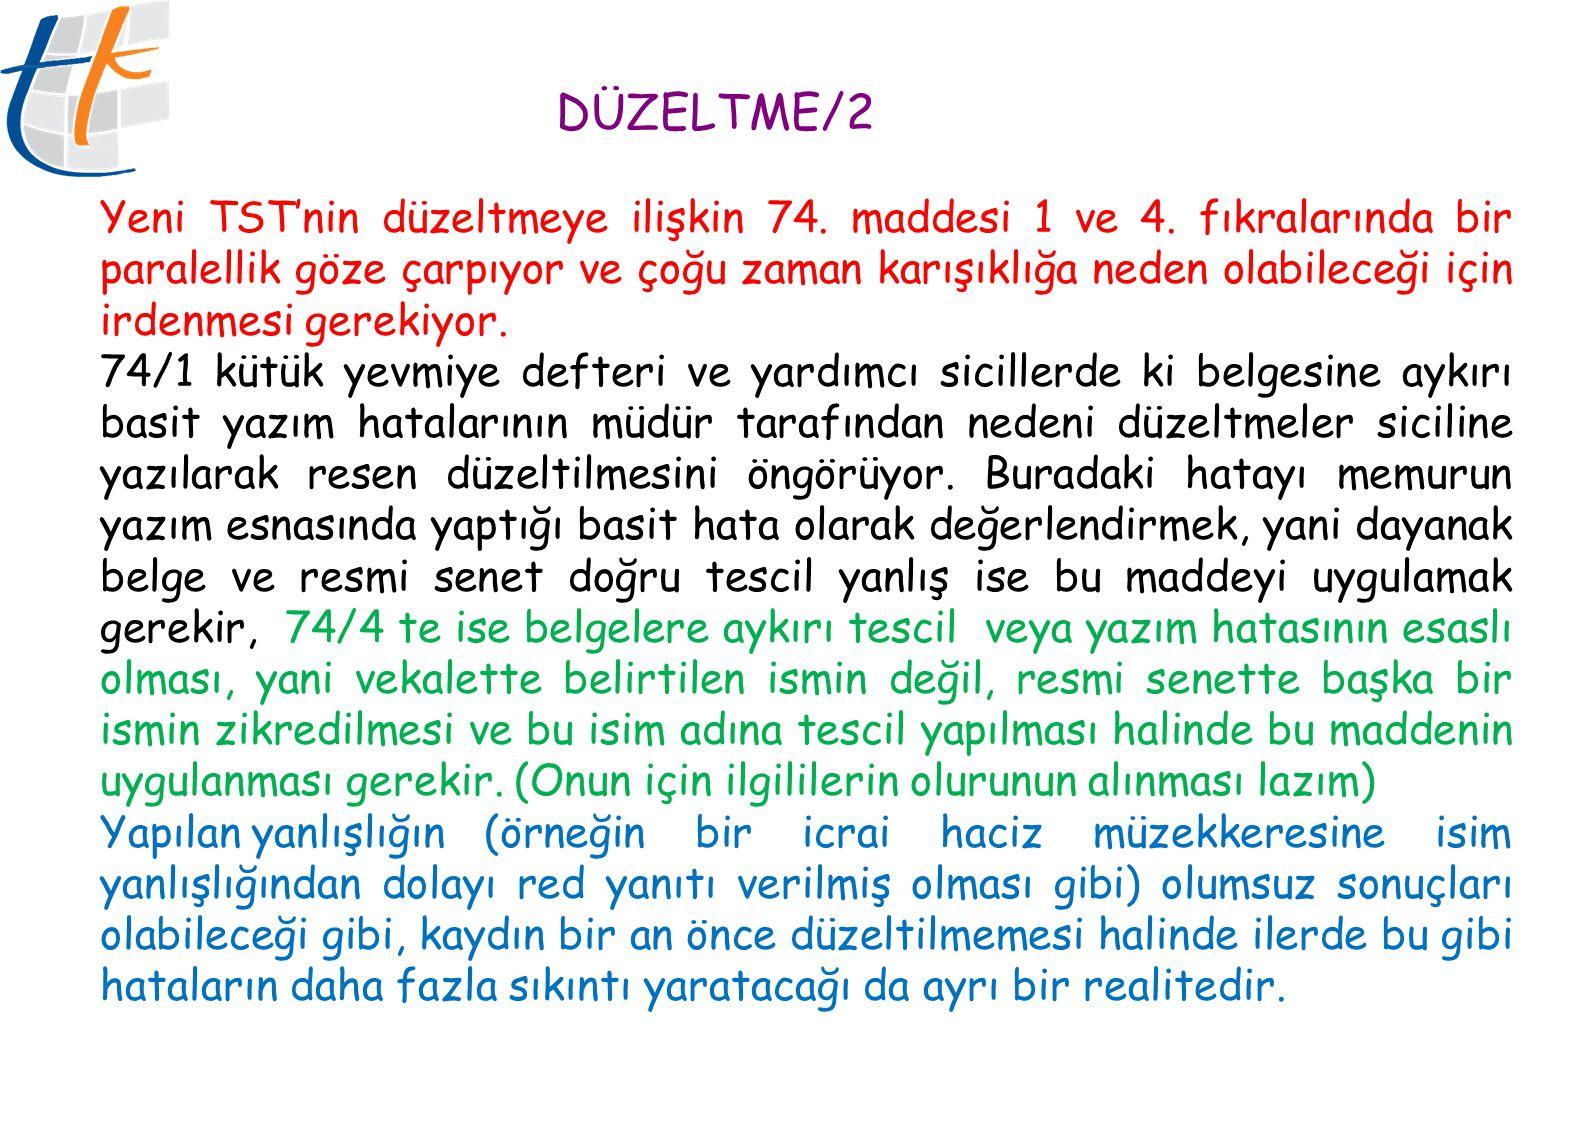 DÜZELTME/2